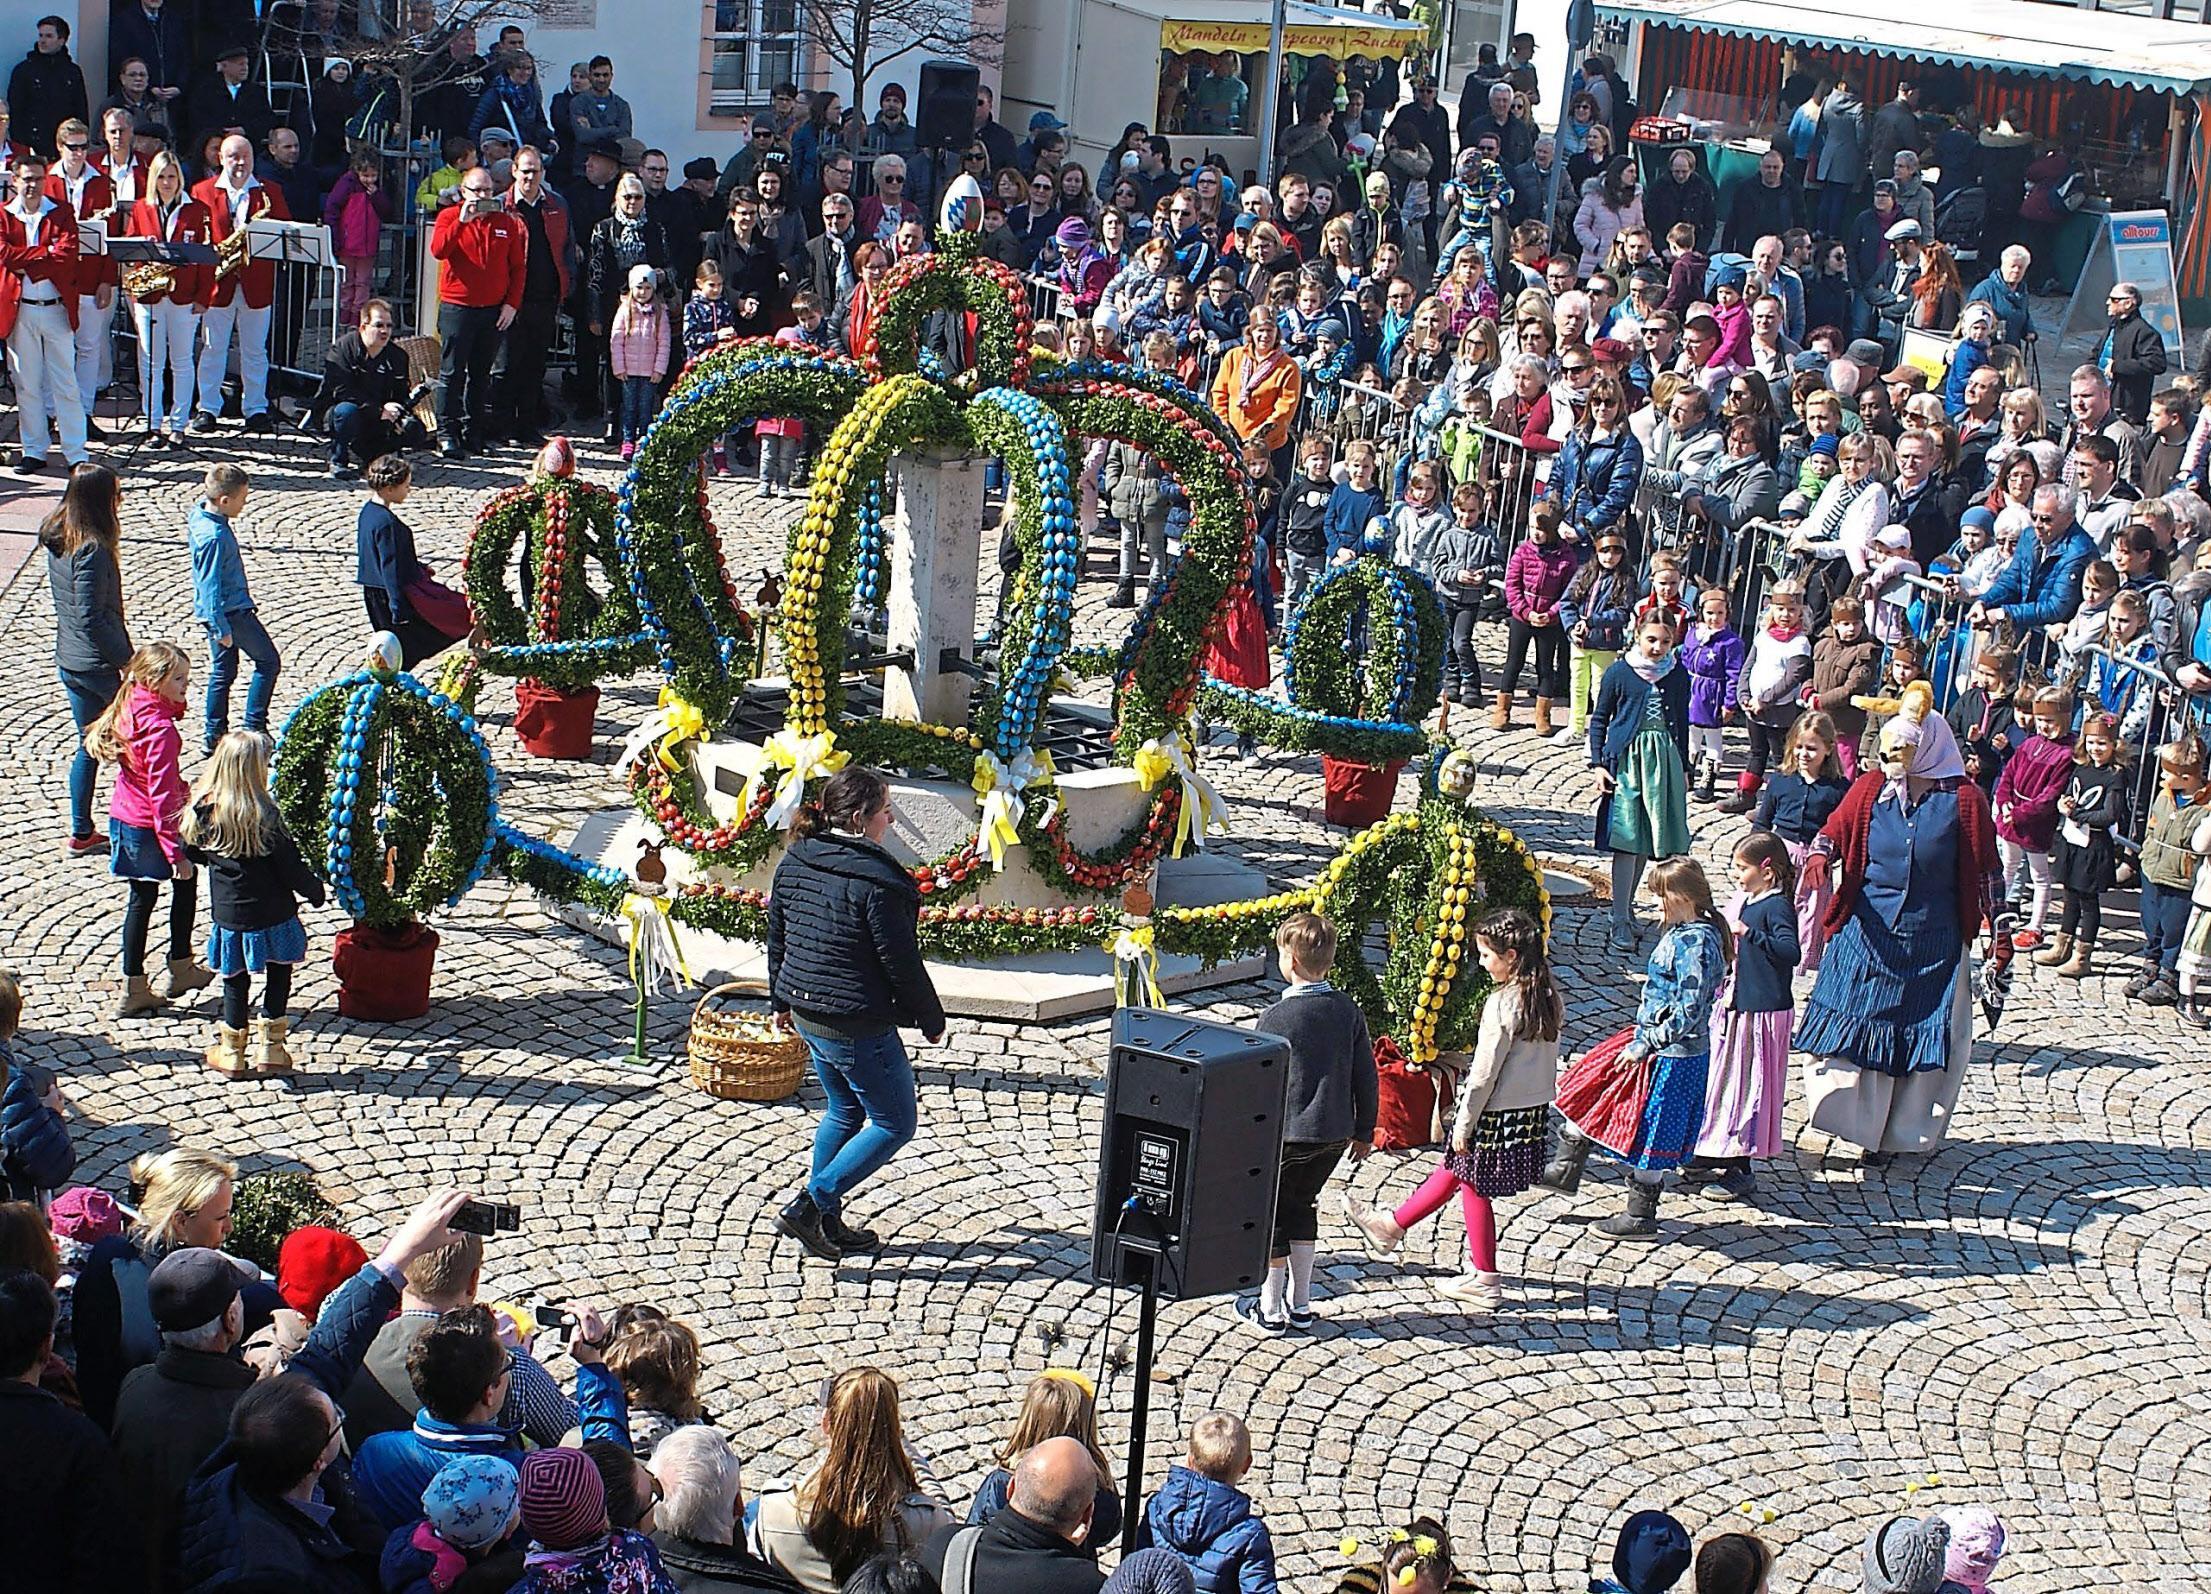 Das Schmücken des Osterbrunnens ist einer der Höhepunkte des Köschinger Frühlingsmarktes. Nach der Weihe des Brunnens führen die Kinder auf dem Marktplatz ihre Lieder und Tänze auf. Foto: Berger